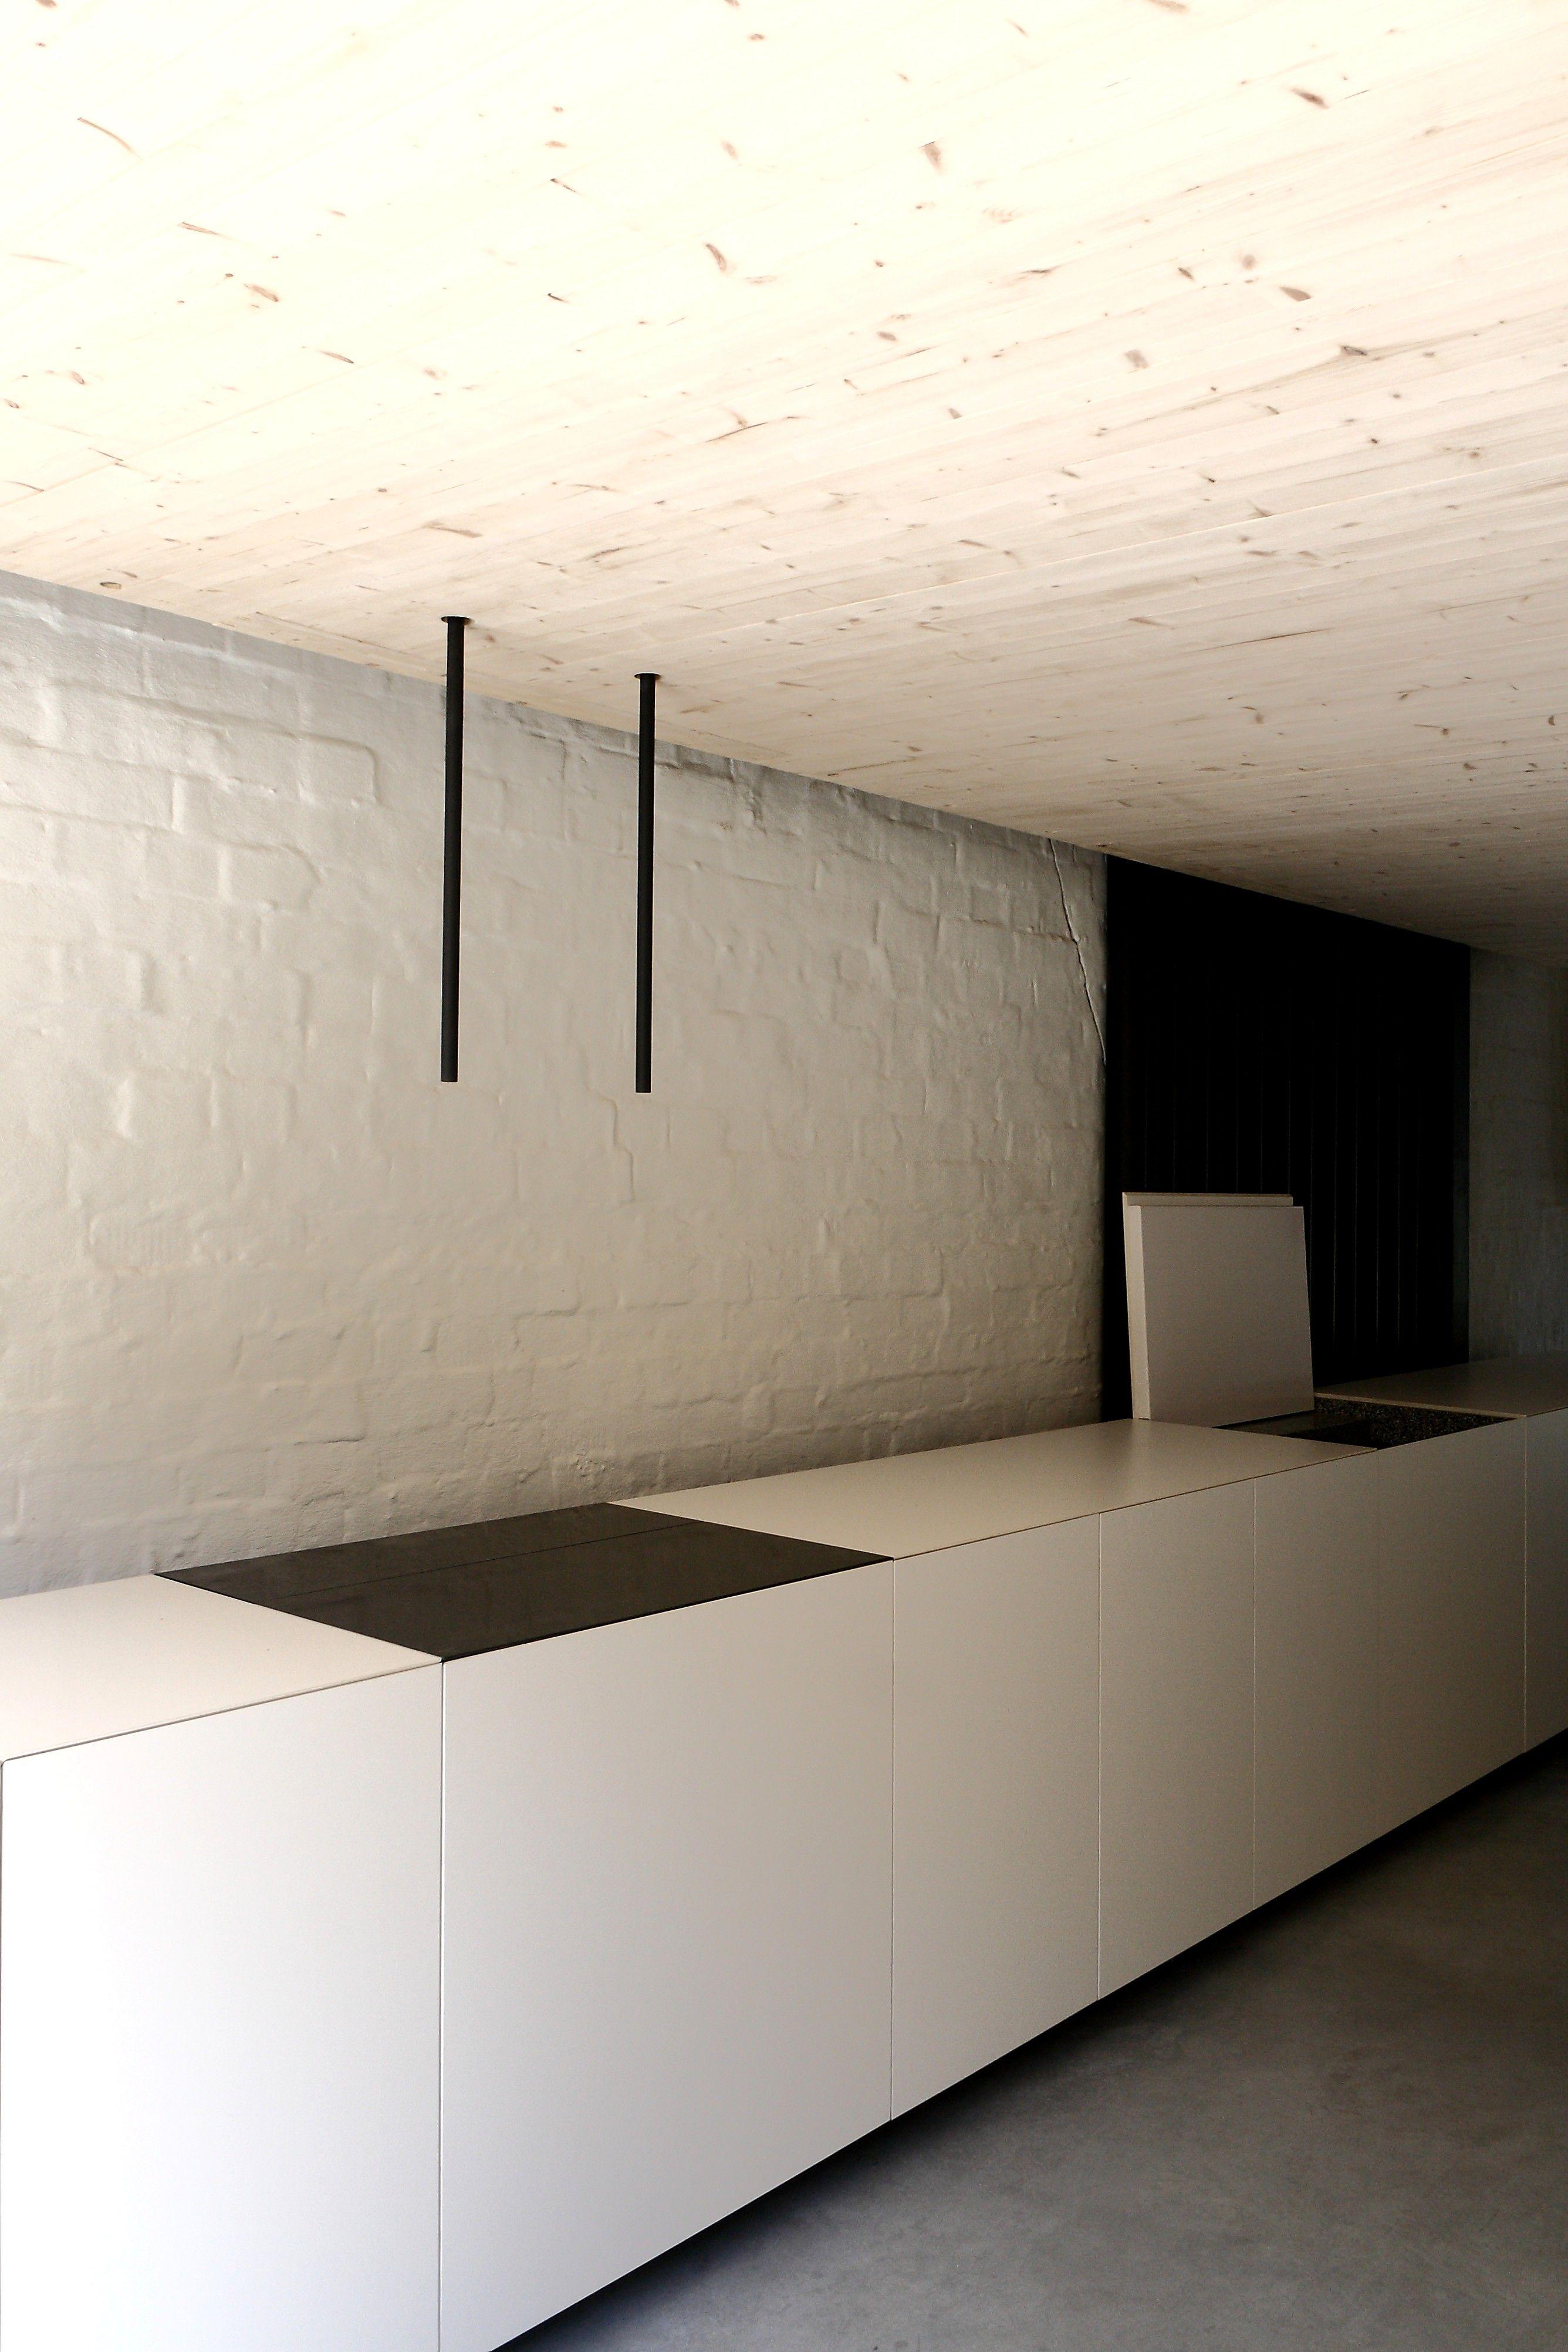 icoon.be architecten minimalist hpl kitchen cross laminated timber ...